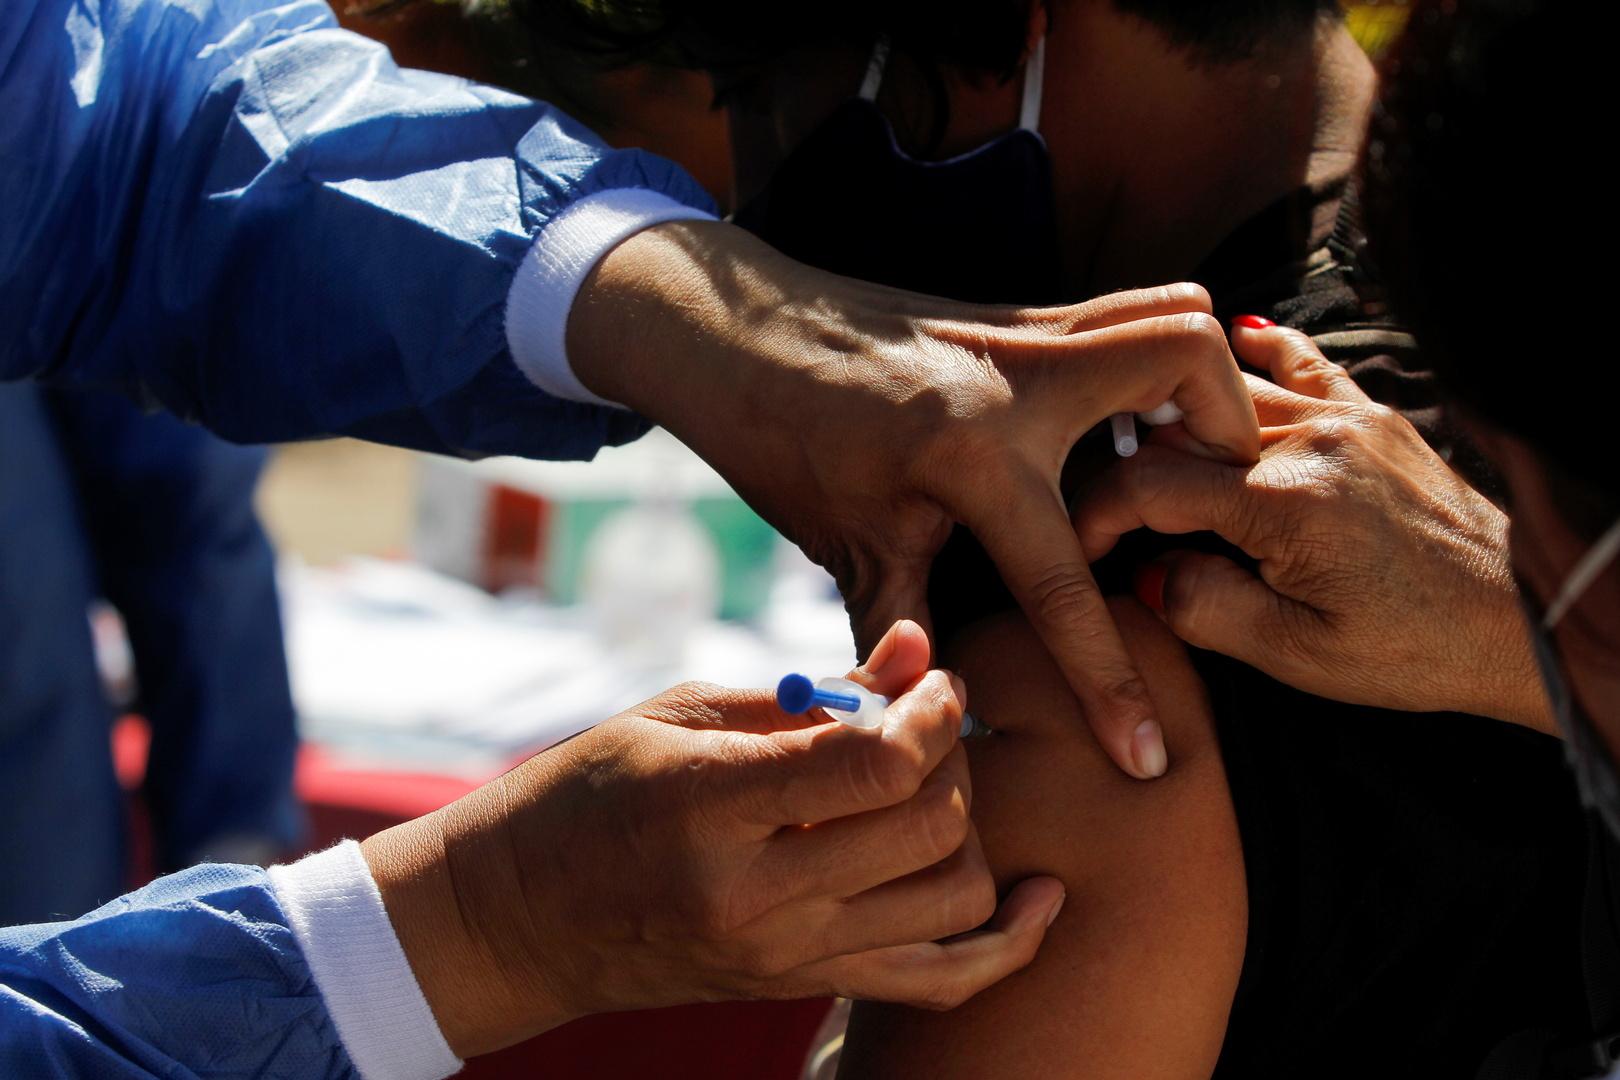 منظمة الصحة العالمية تدعو إلى تجميد الجرعات المعززة حتى نهاية سبتمبر